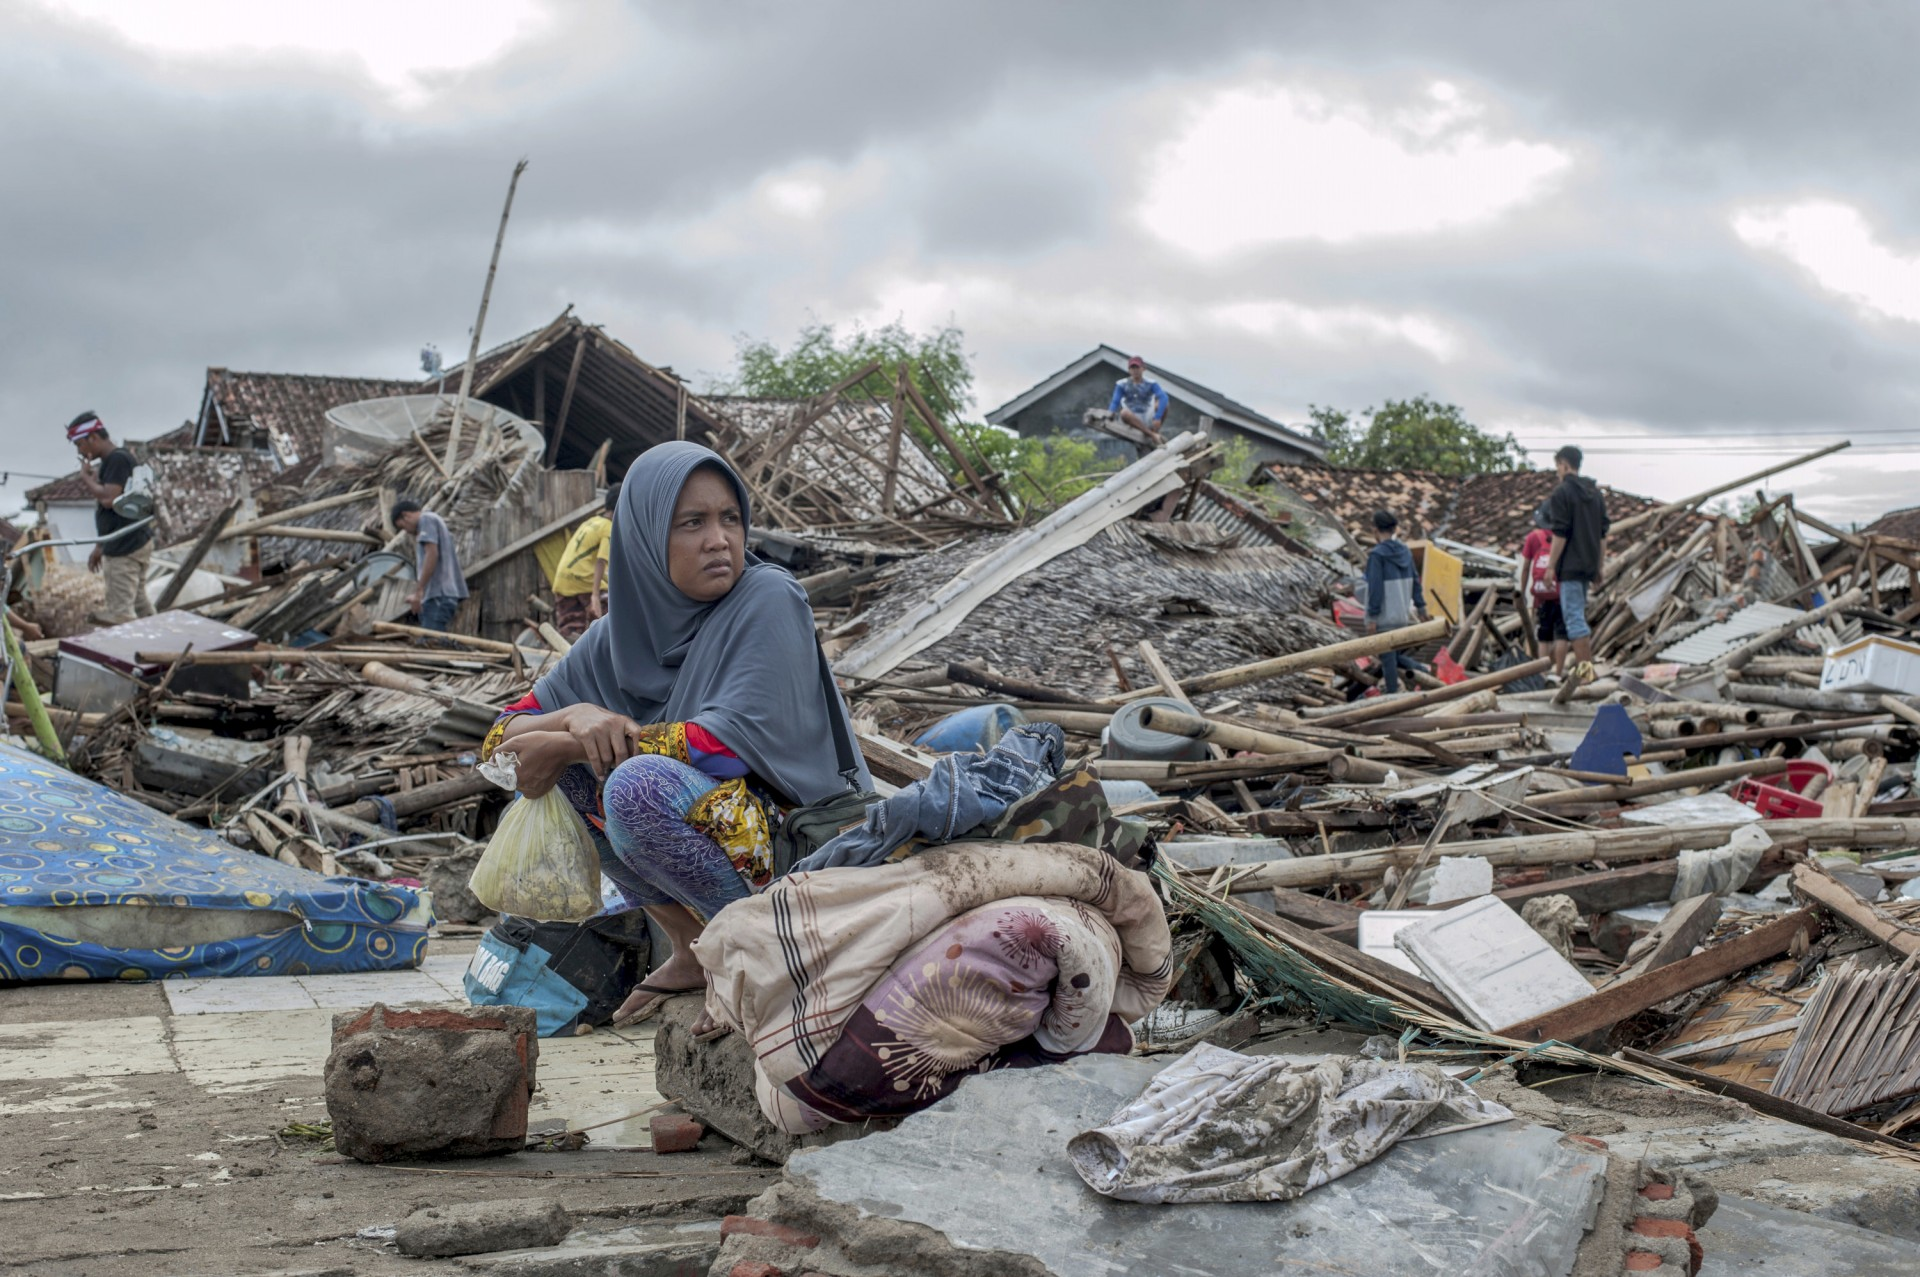 Una sobreviviente del tsunami se sienta en un pedazo de escombros mientras rescata artículos de la ubicación de su casa en Sumur, Indonesia, el lunes 24 de diciembre de 2018.